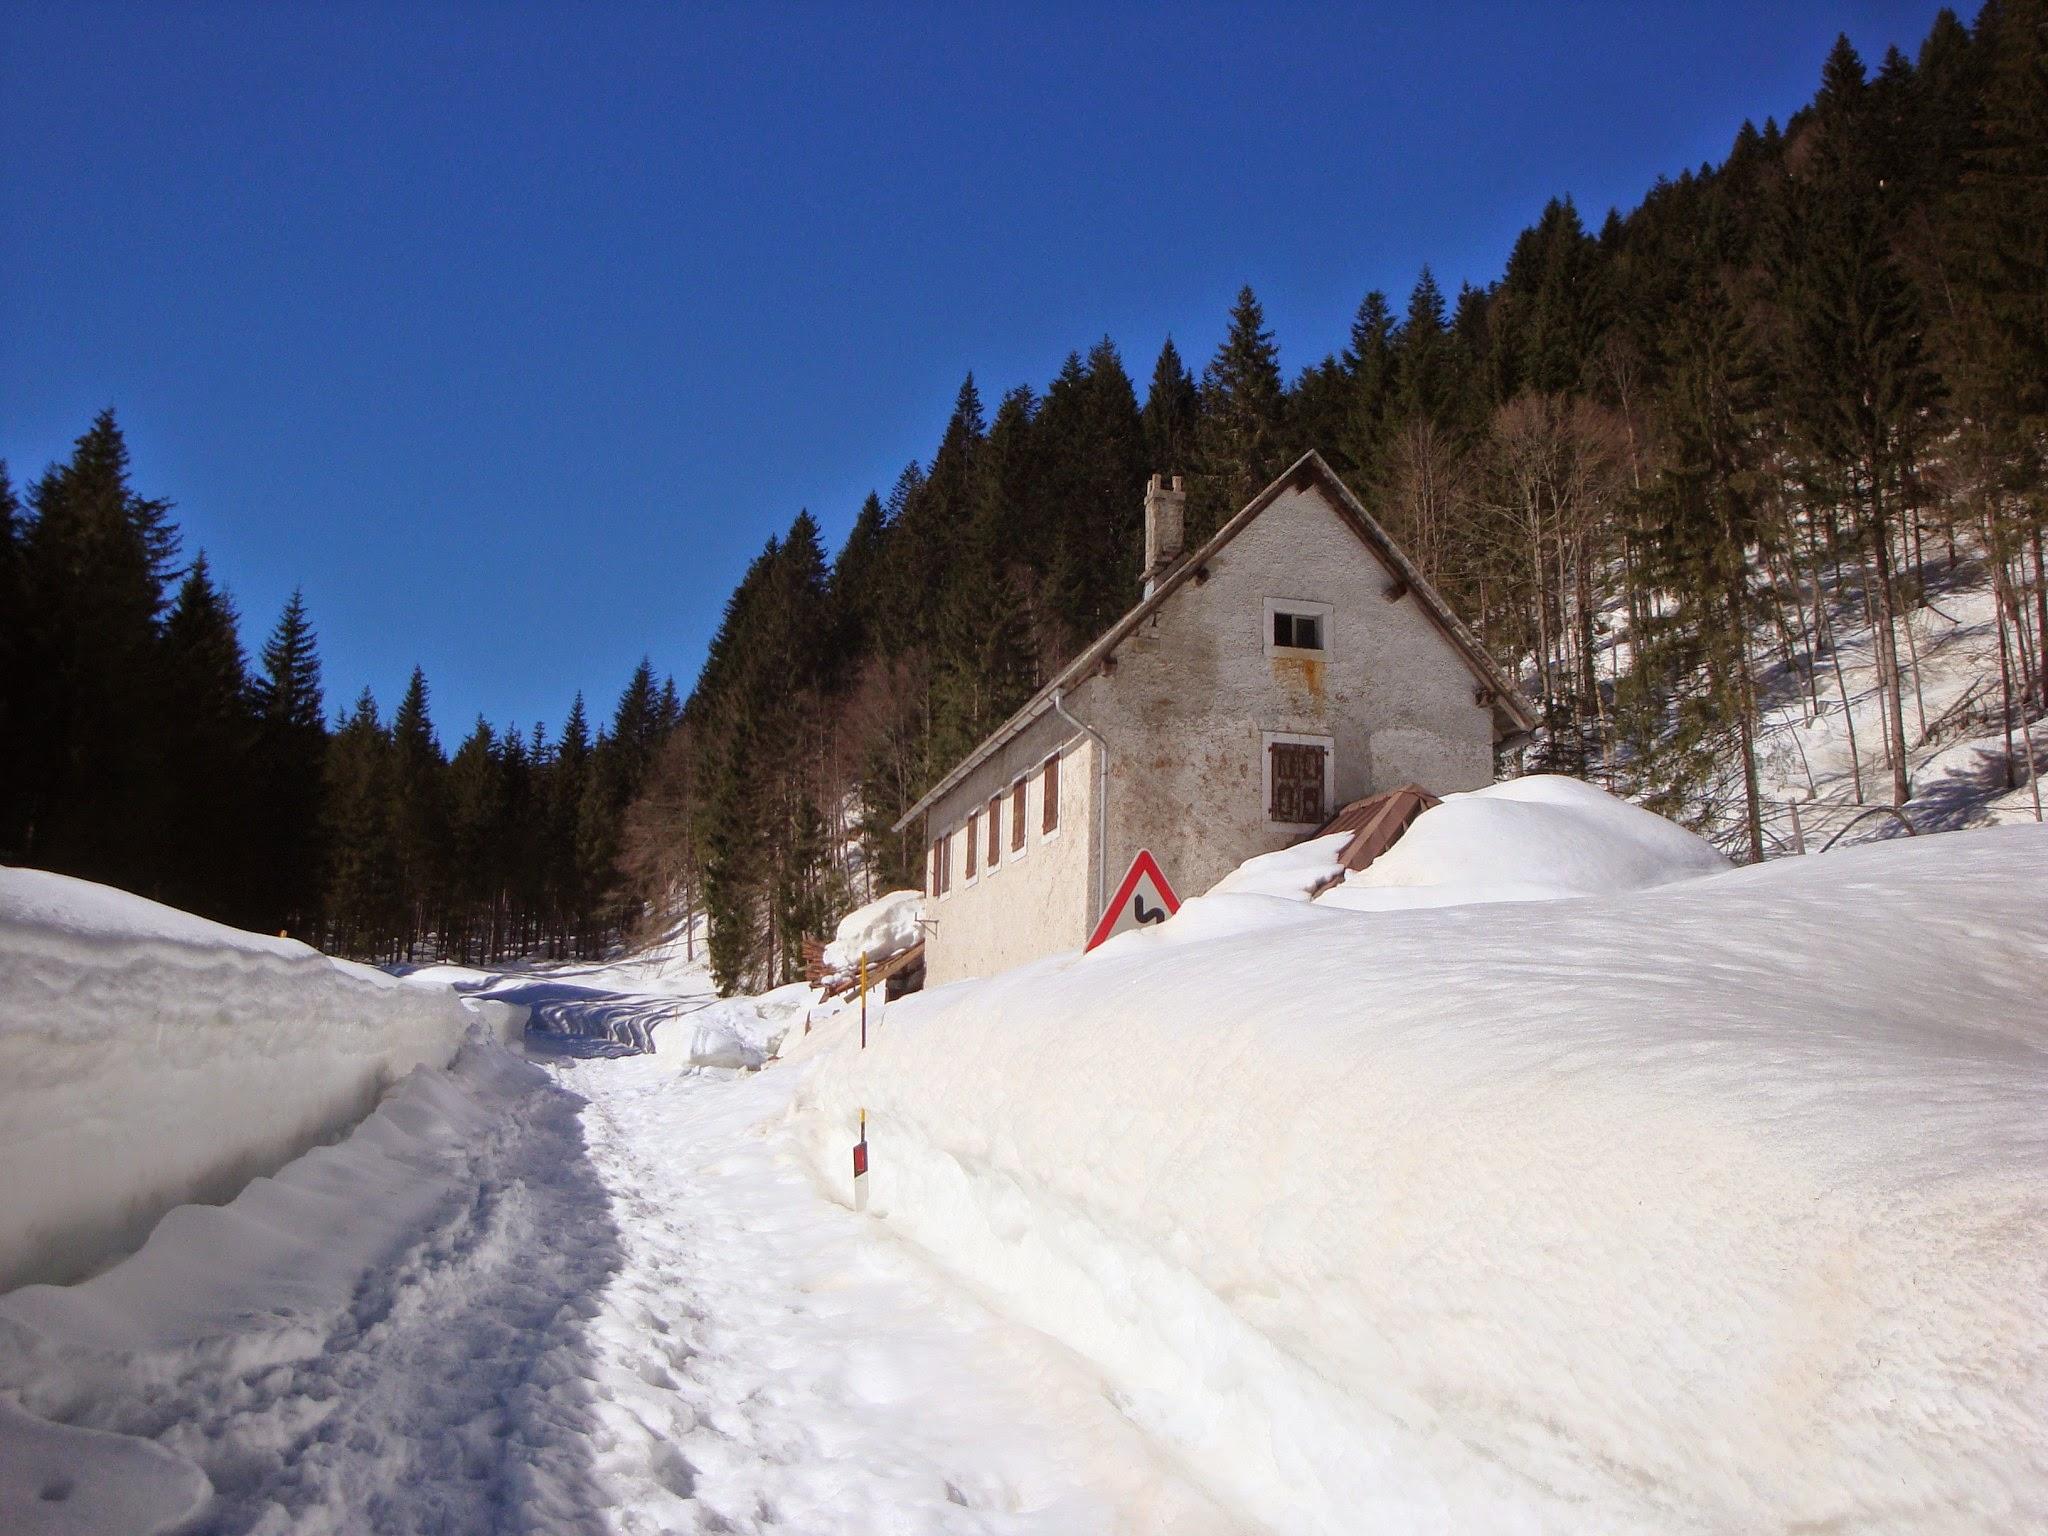 Casa sulla statale (foto Roberto Pagurut)